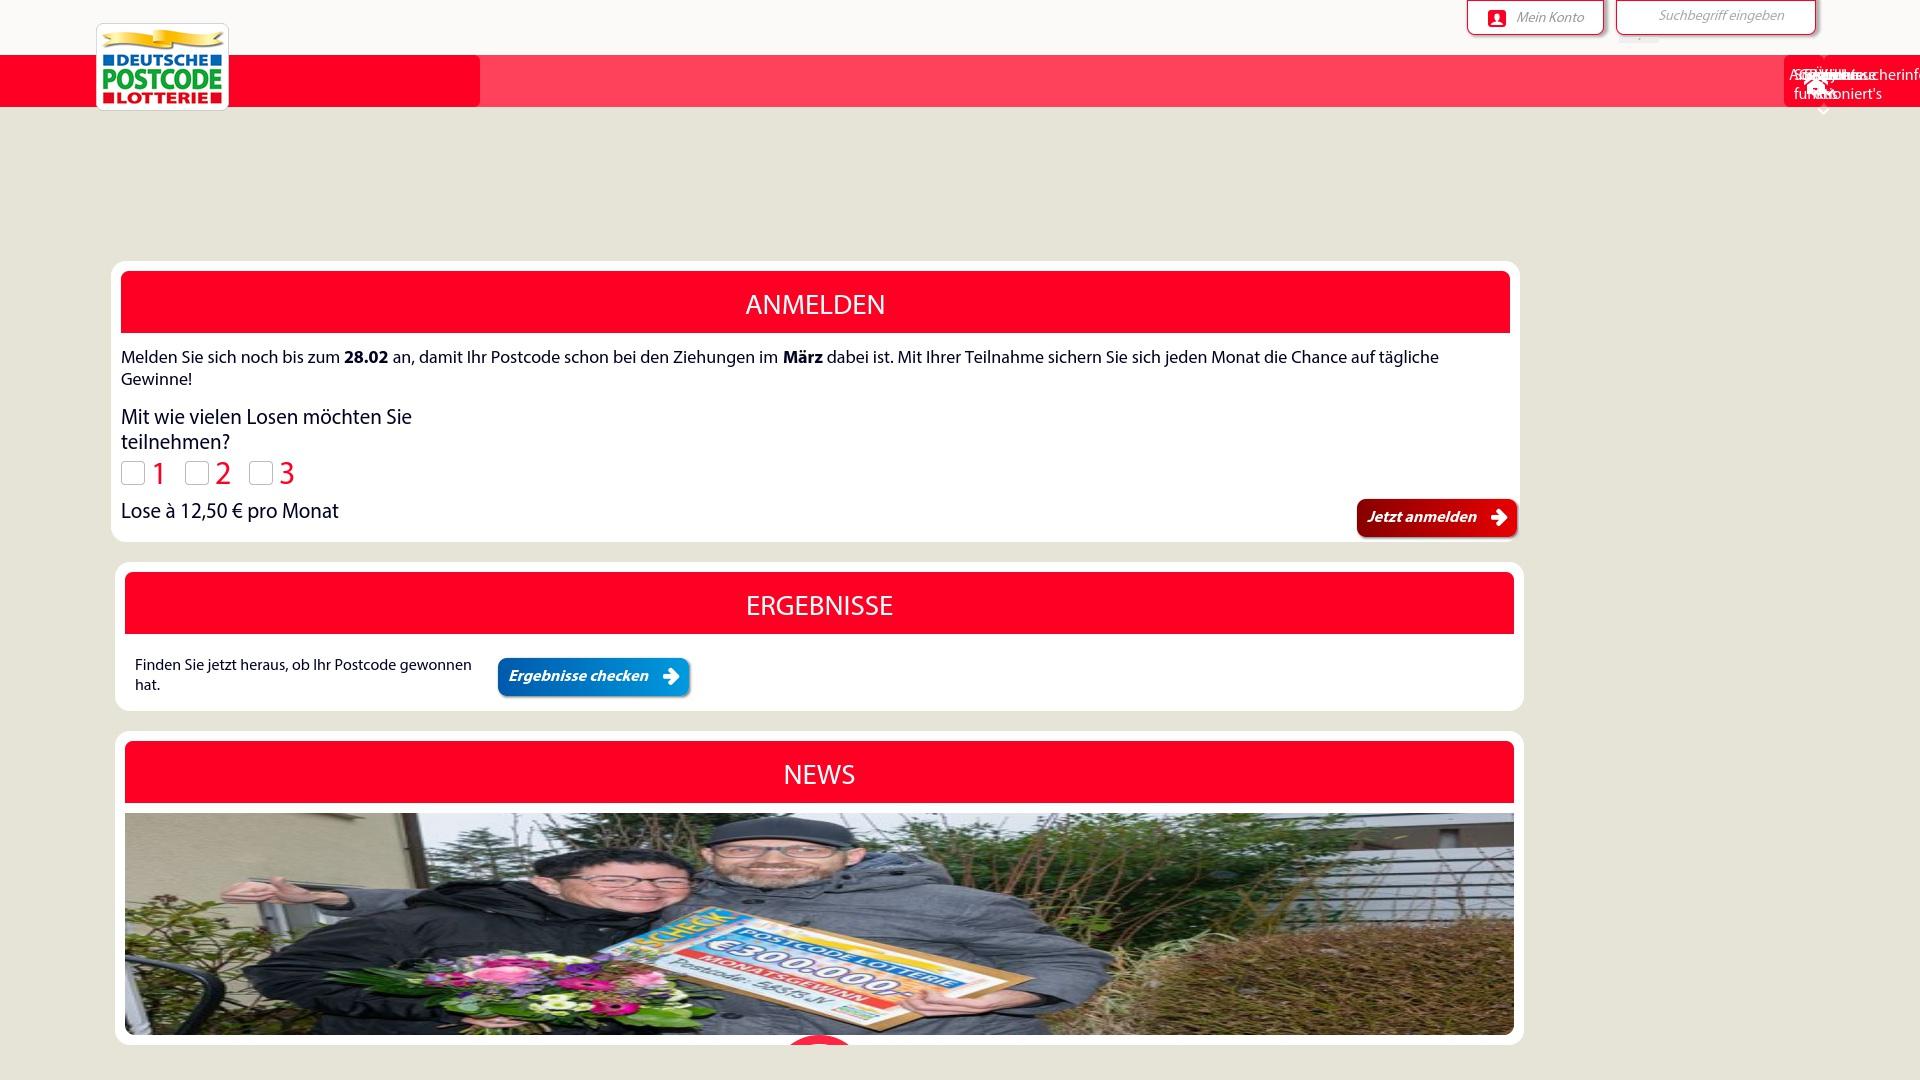 Gutschein für Postcode-lotterie: Rabatte für  Postcode-lotterie sichern